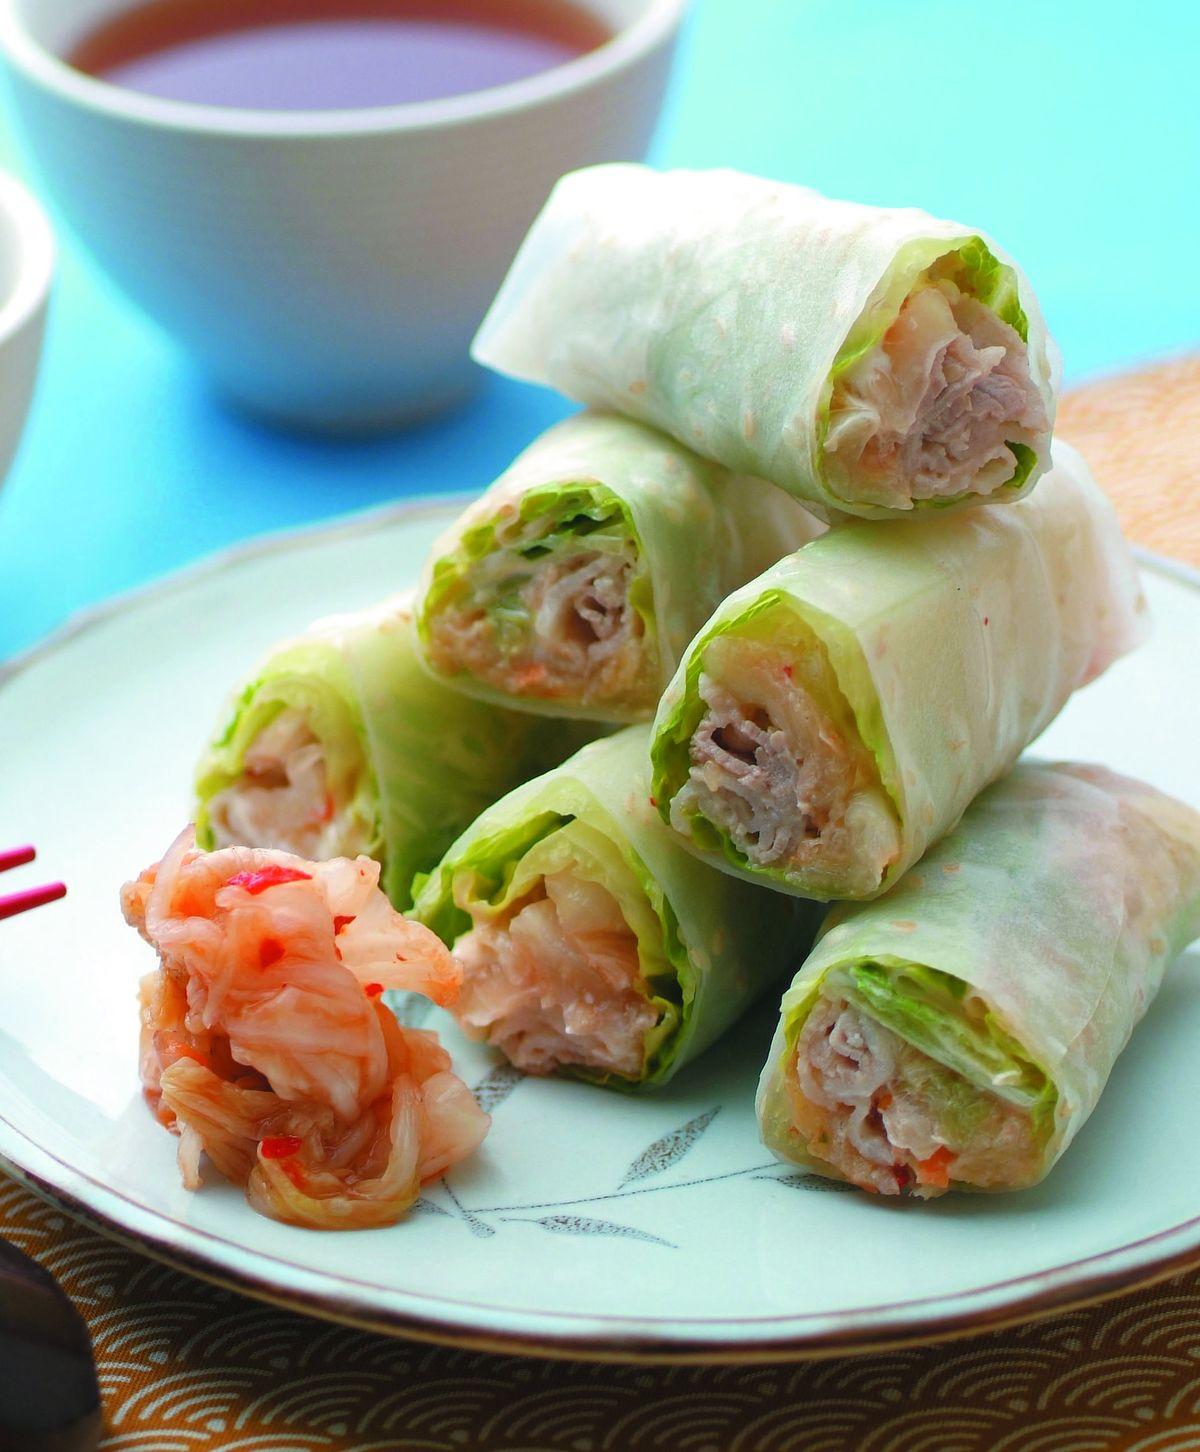 食譜:泡菜沙拉春捲